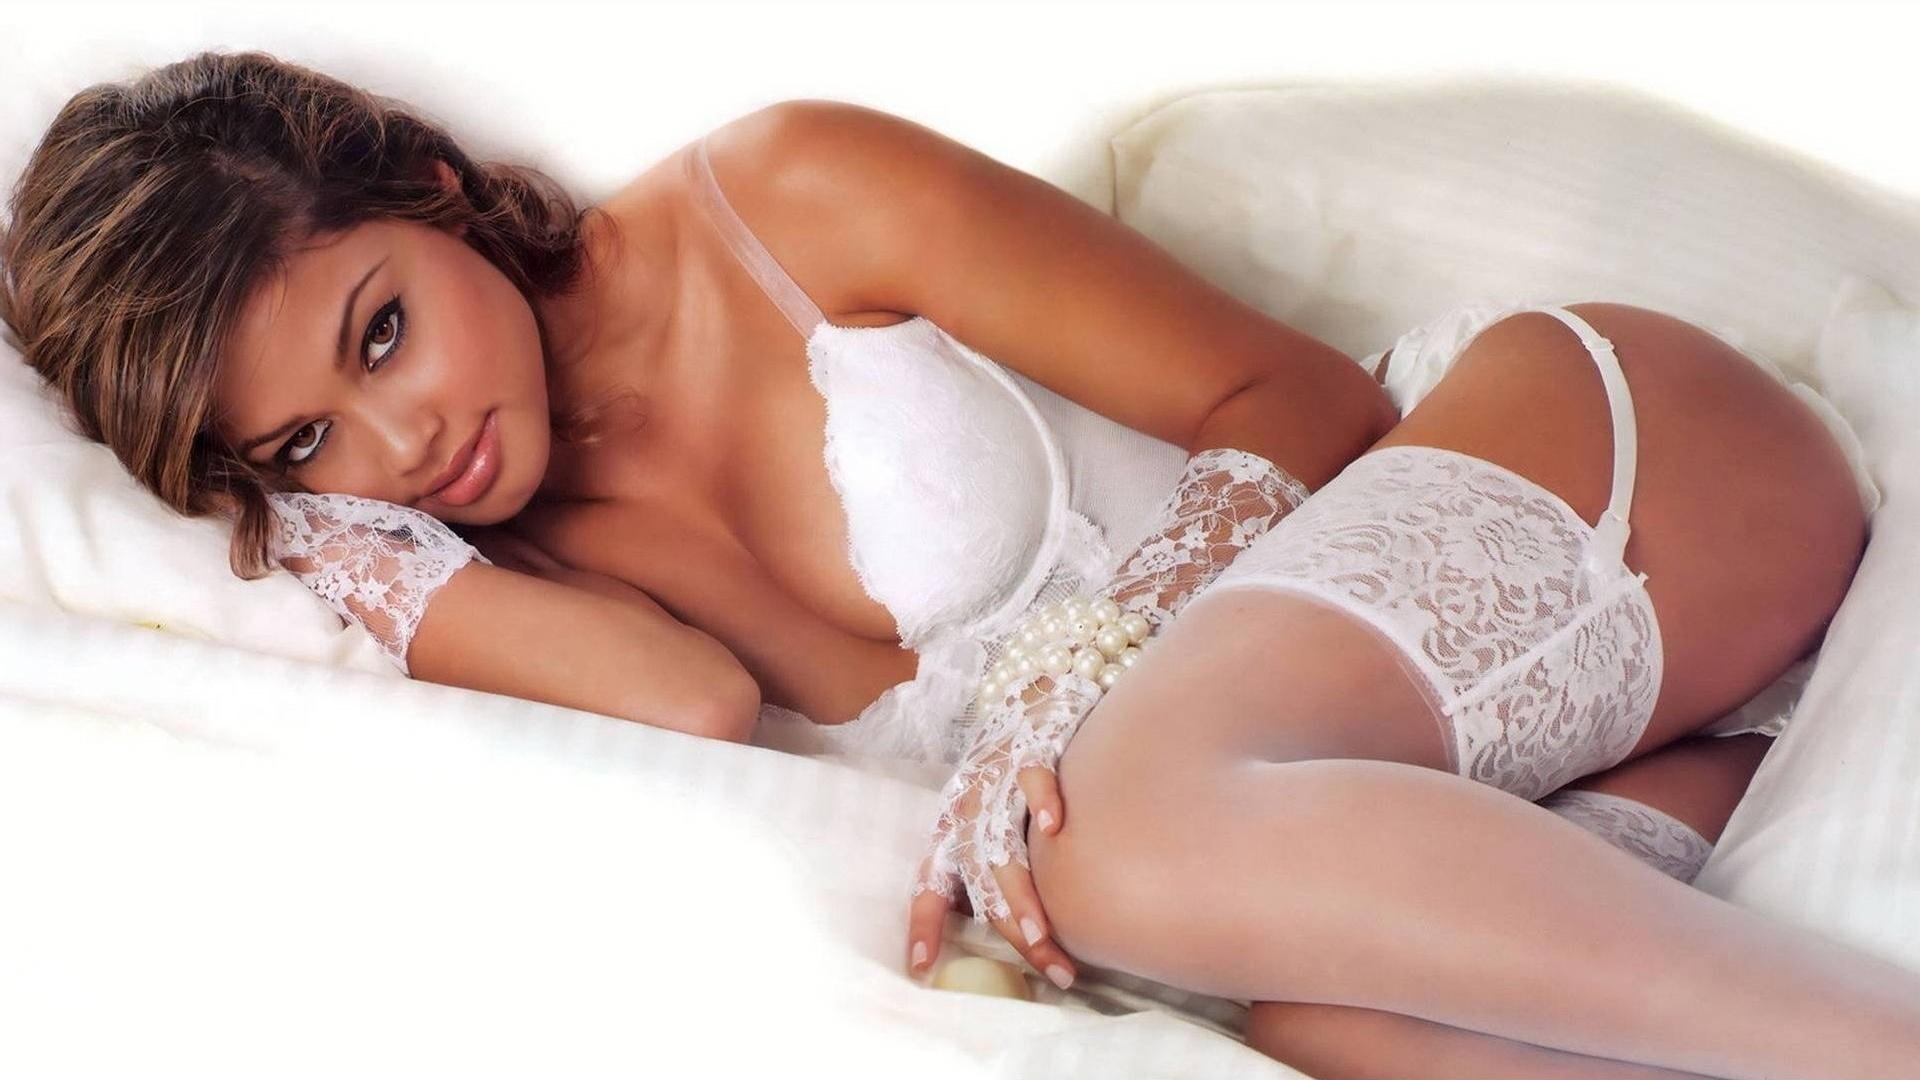 Секс з негретянкамі, Негритянки Порно, смотреть видео с Красивыми 1 фотография